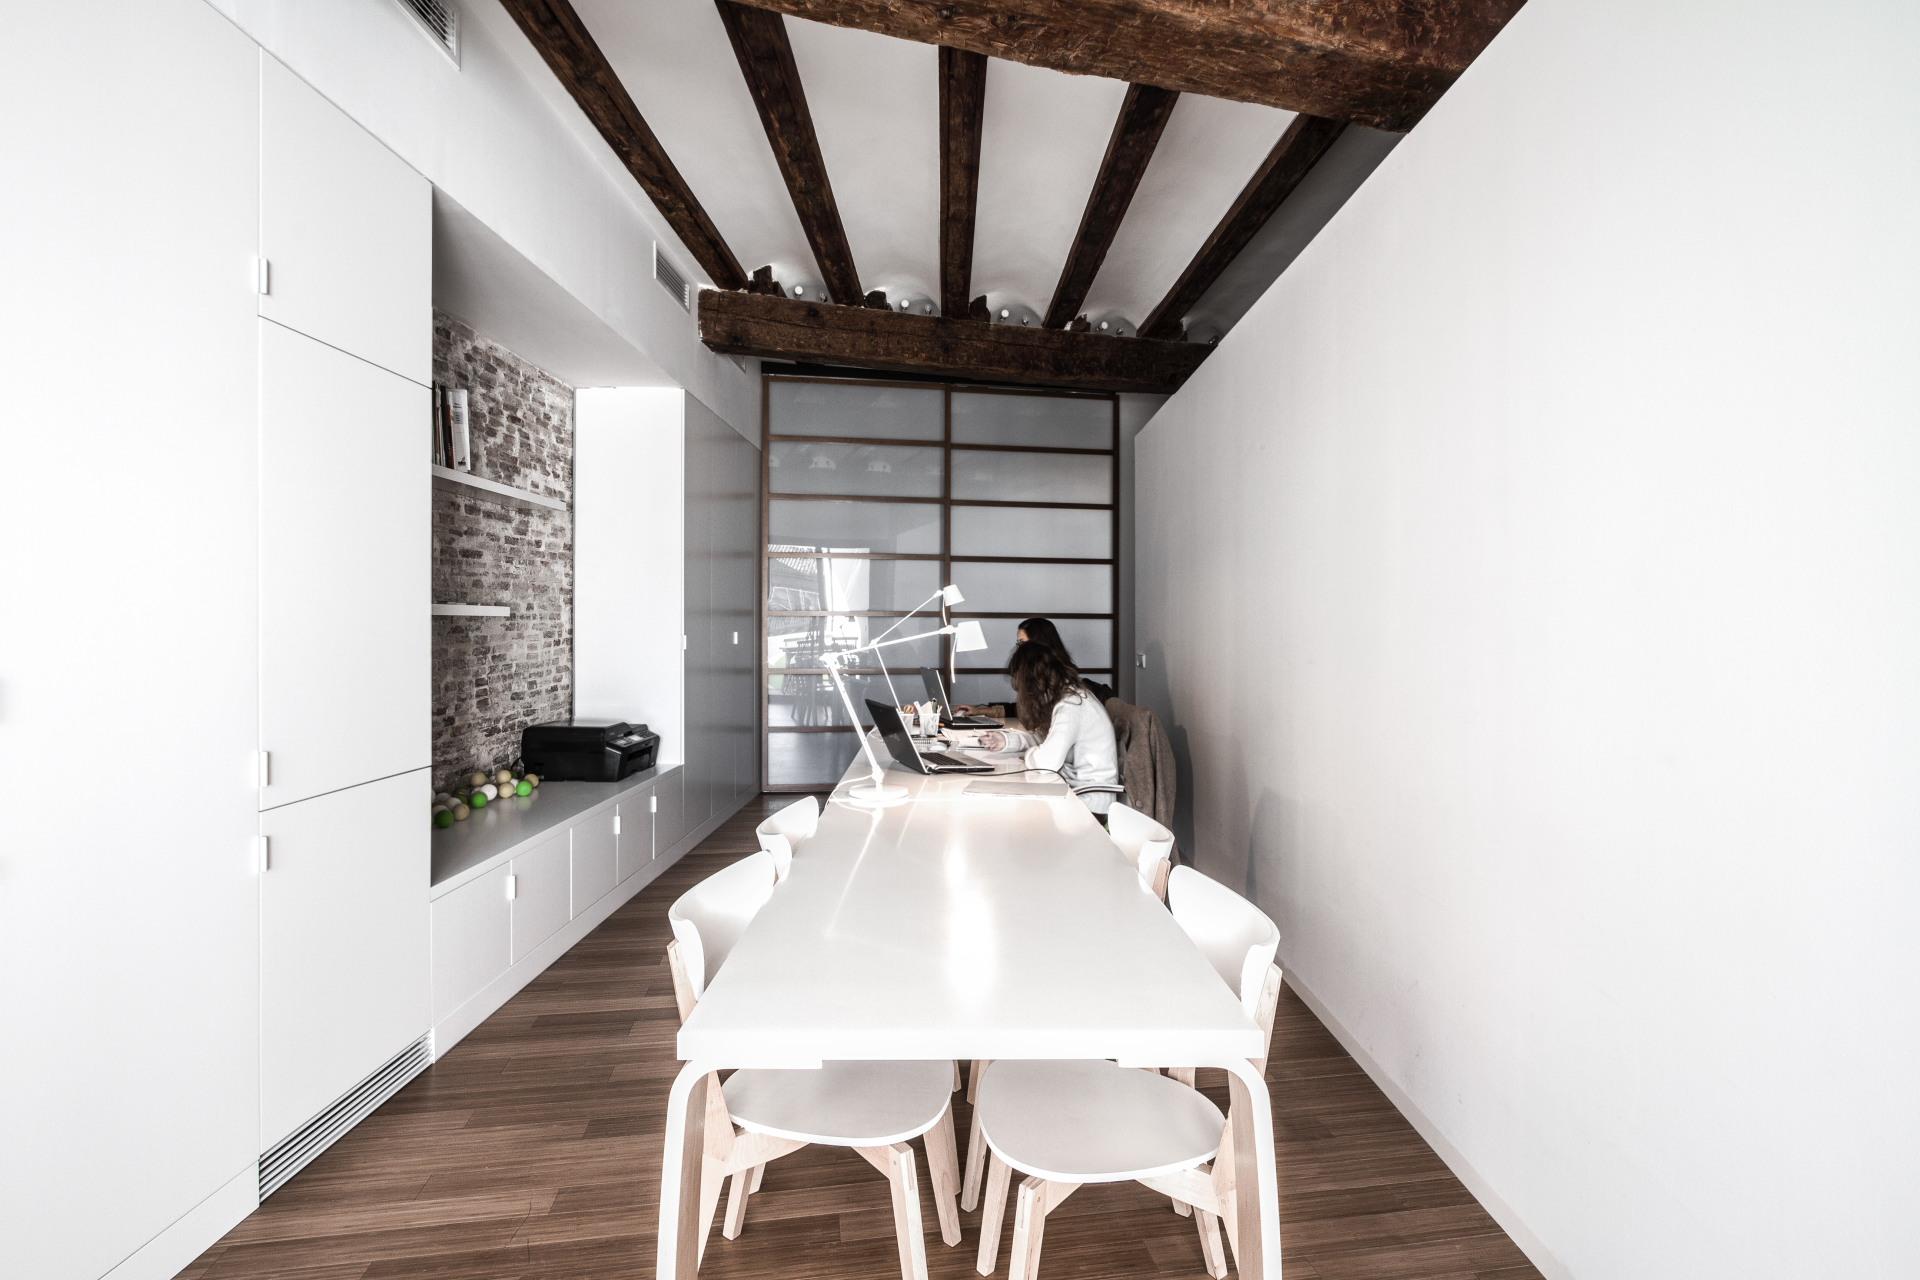 fotografia-arquitectura-valencia-german-cabo-versea-estudio (10)